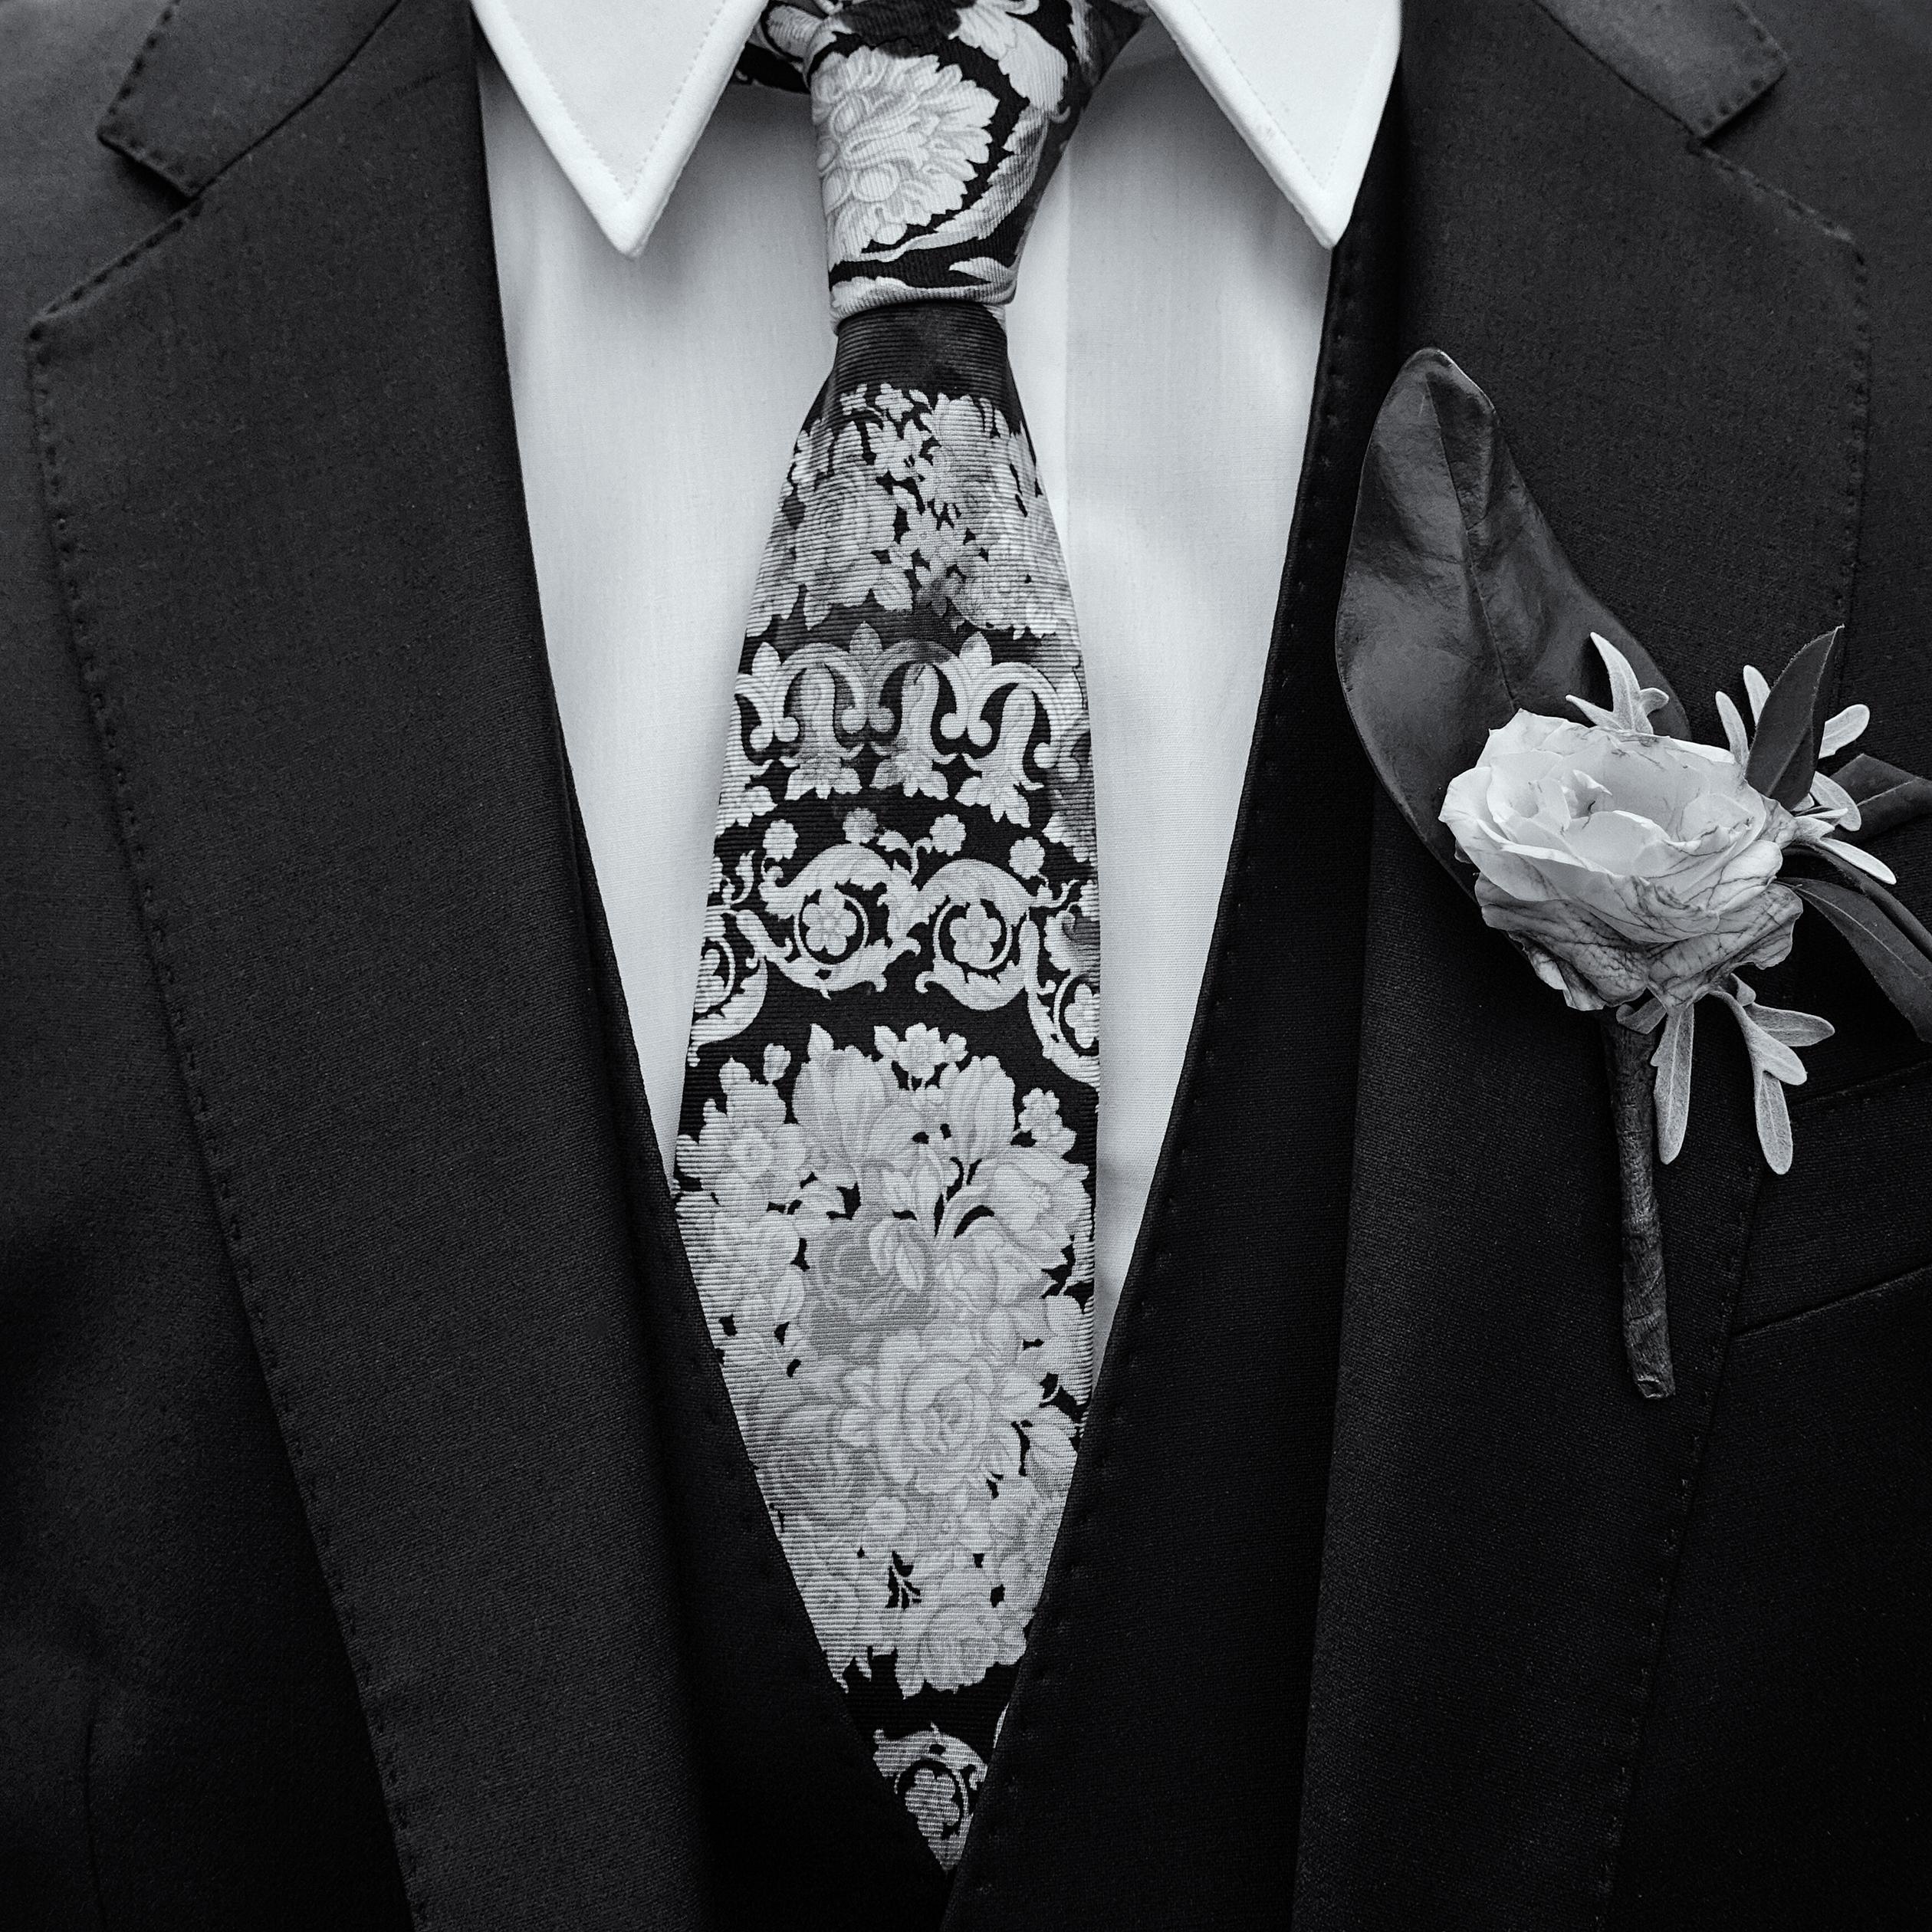 La corbata del novio. Hotel Potrerillos, Argentina, 2016